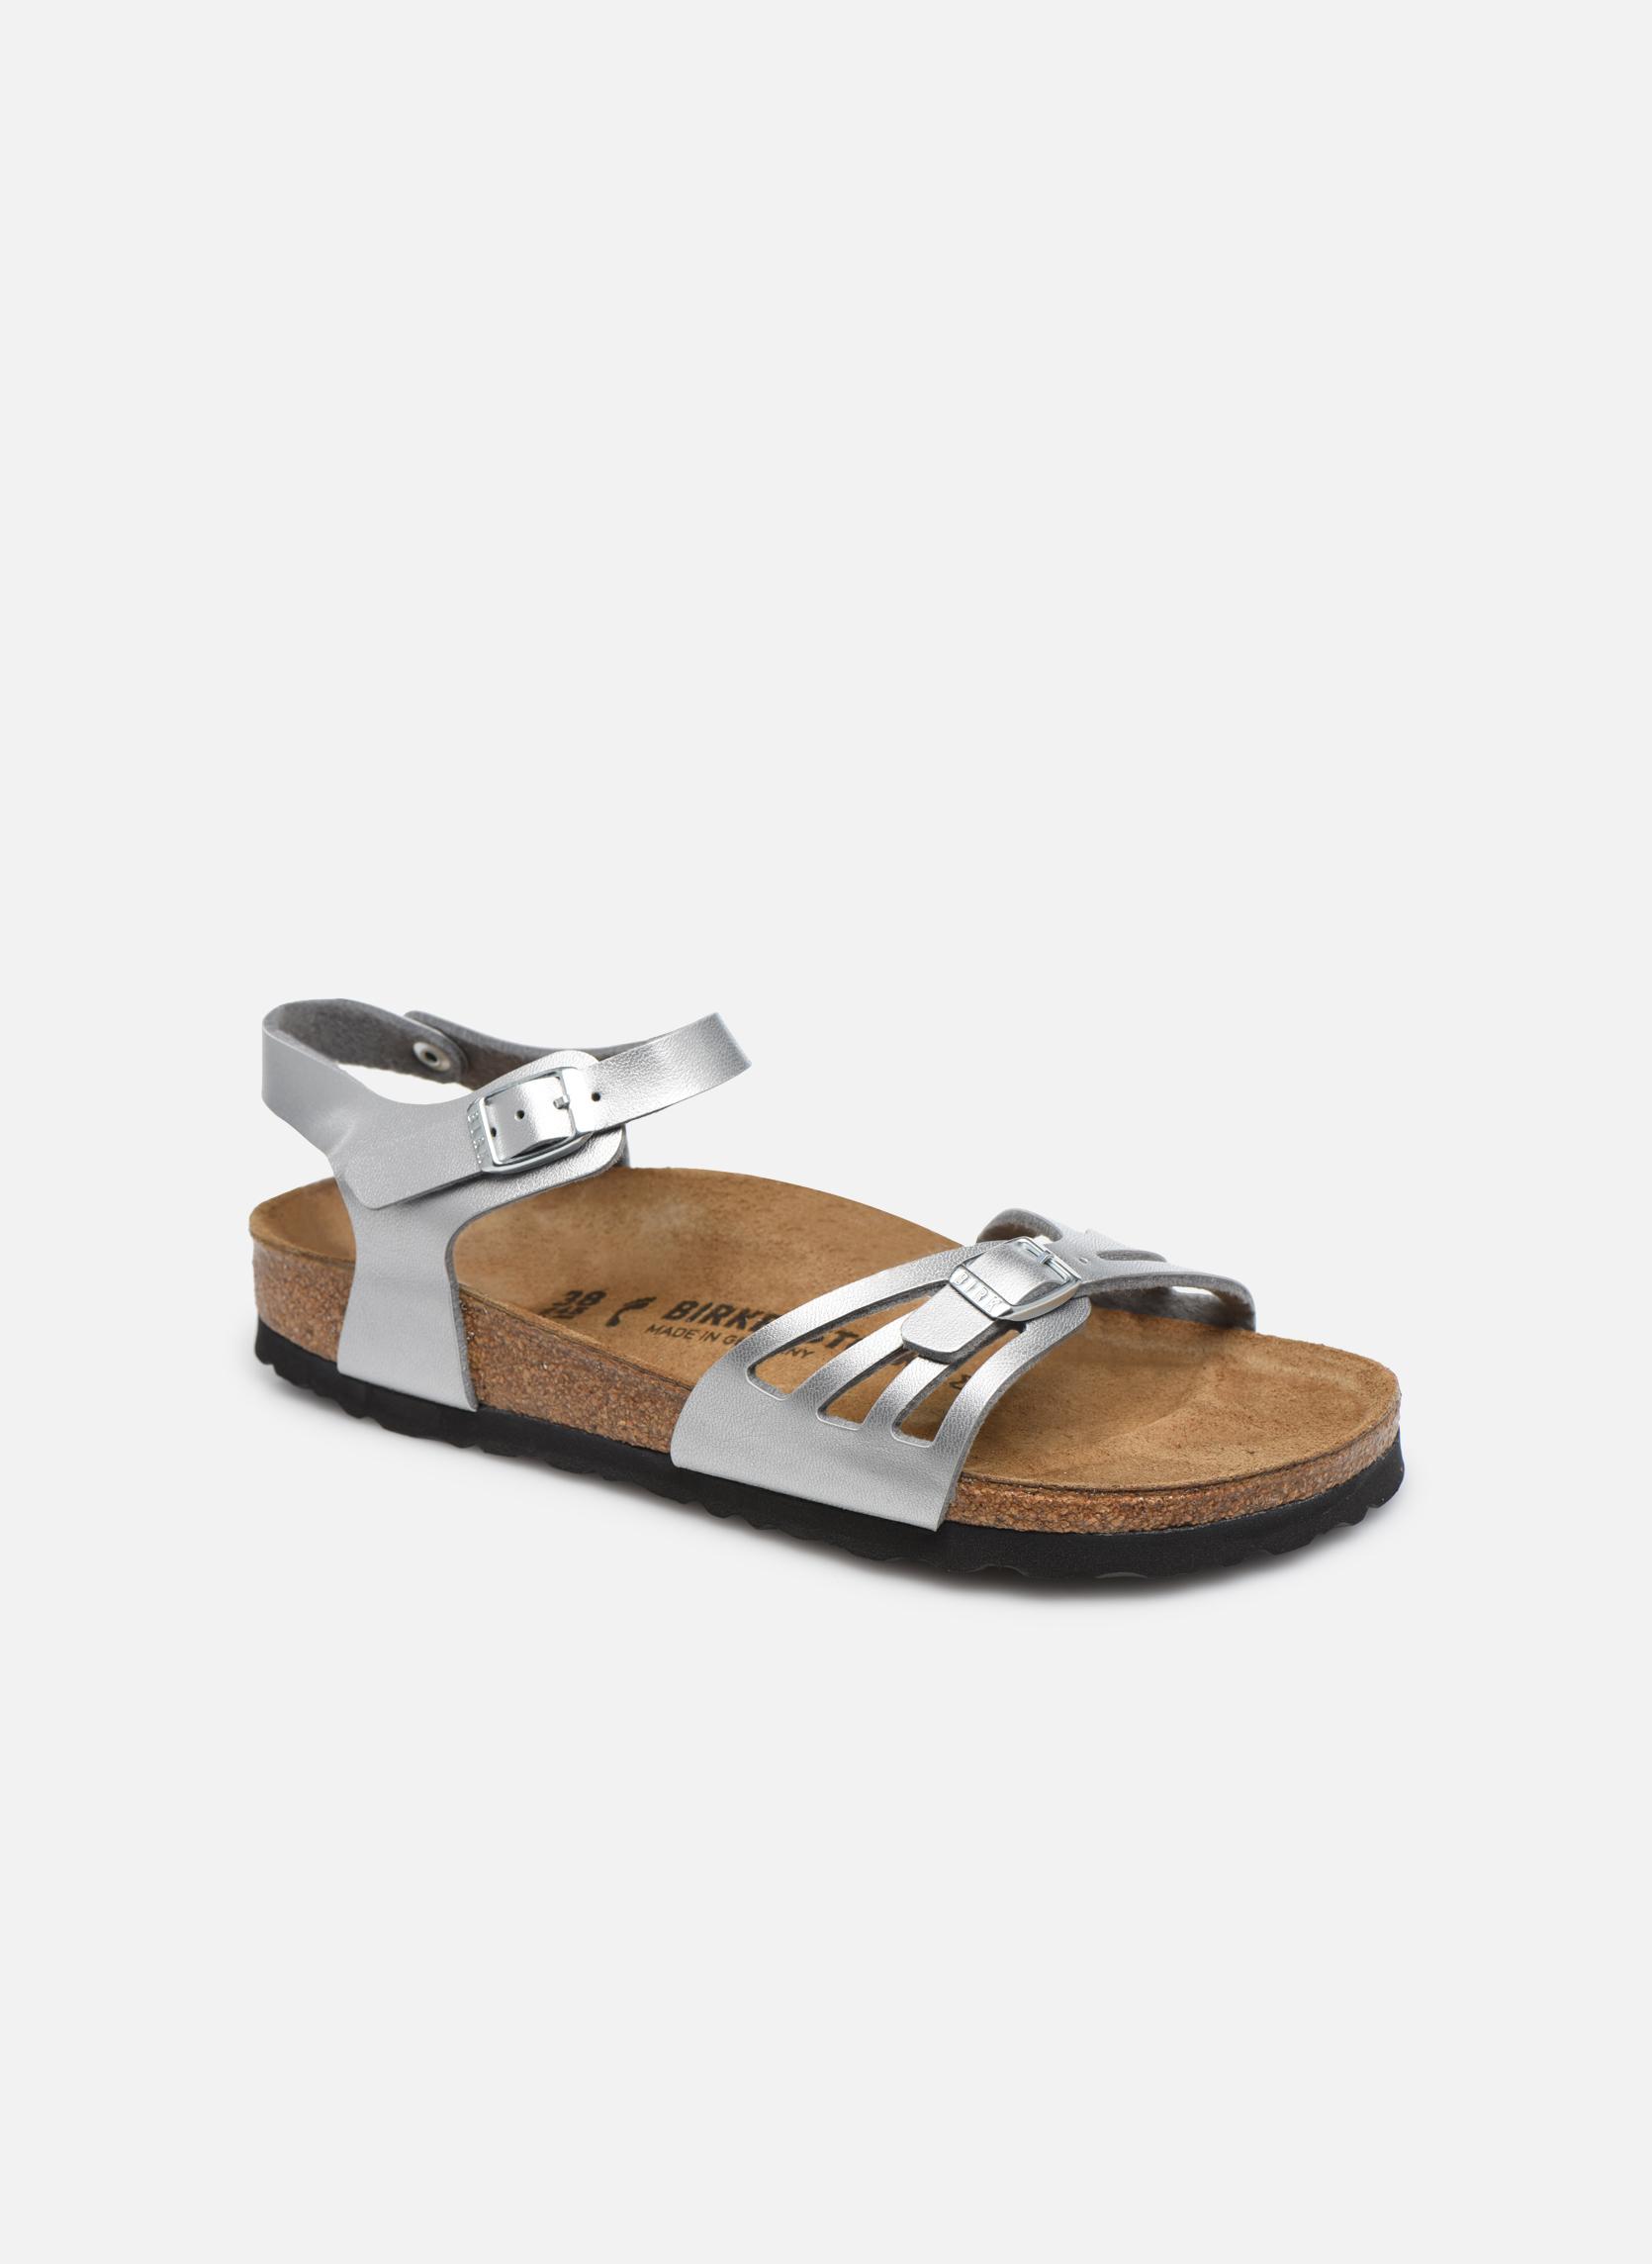 Sandalen Damen Bali W